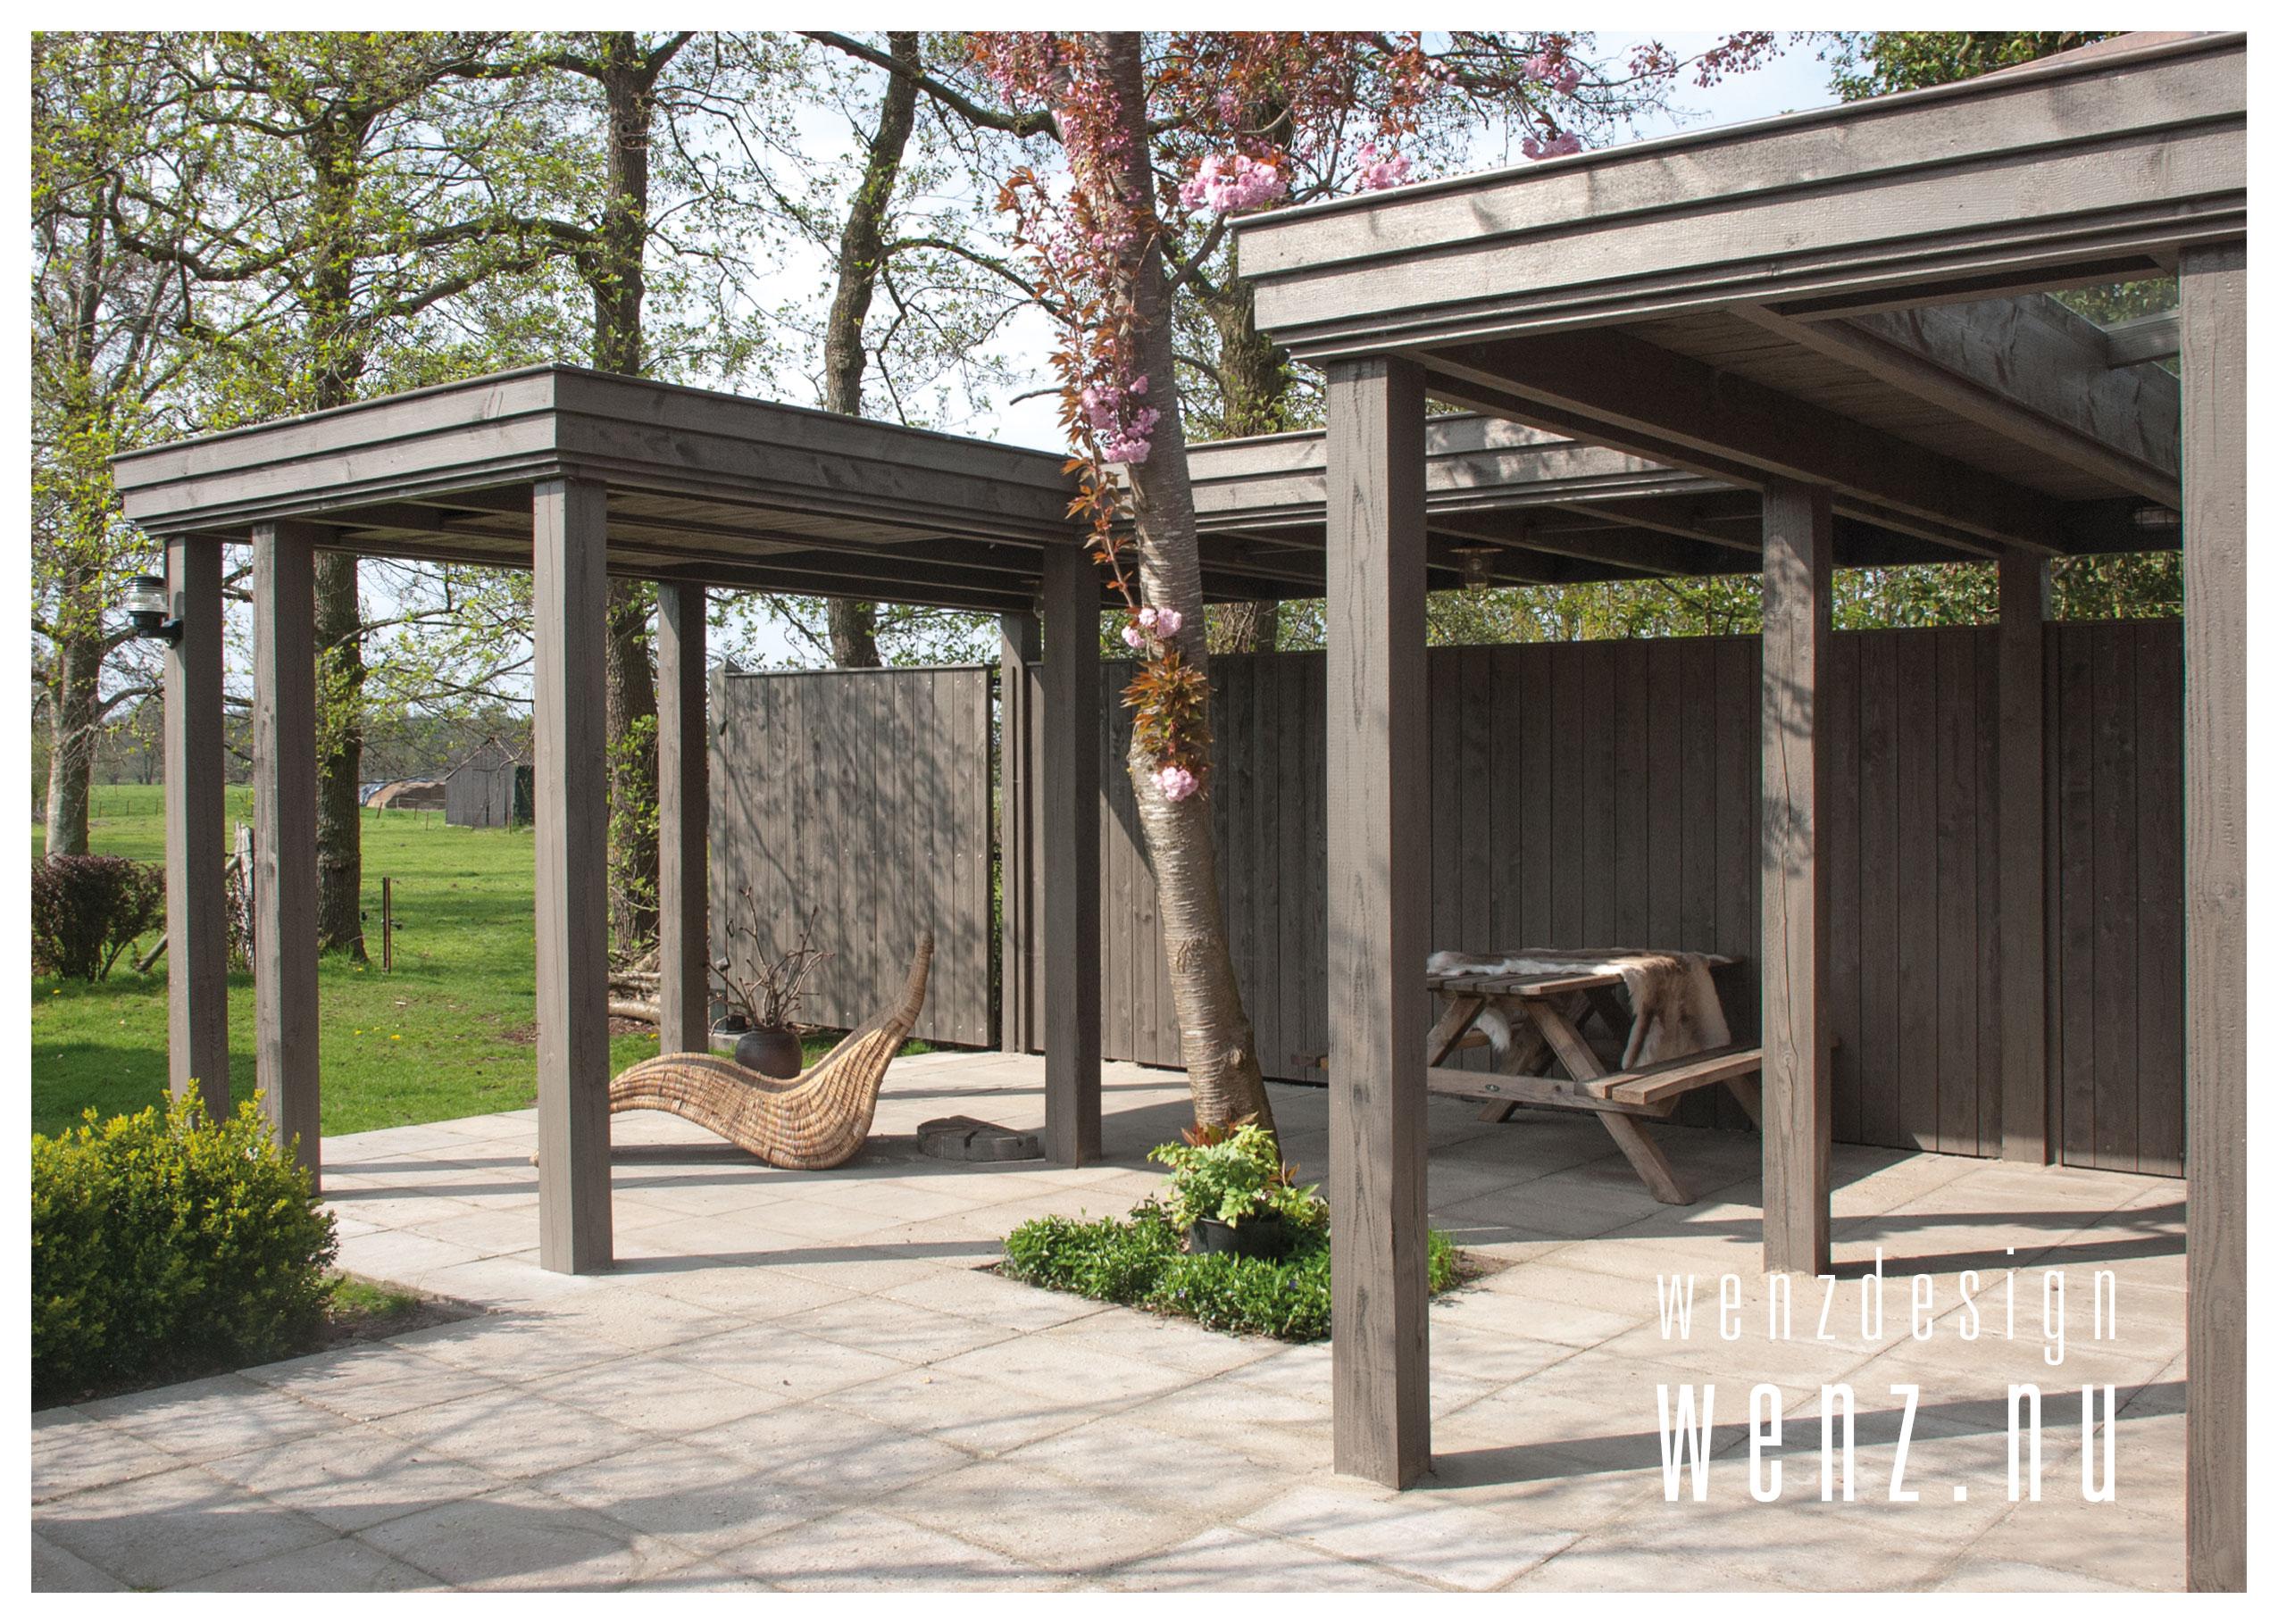 Overkapping in uw tuin wenzdesign exclusief ontwerp en realisatie van buitenleven en interieur - Veranda modern huis ...